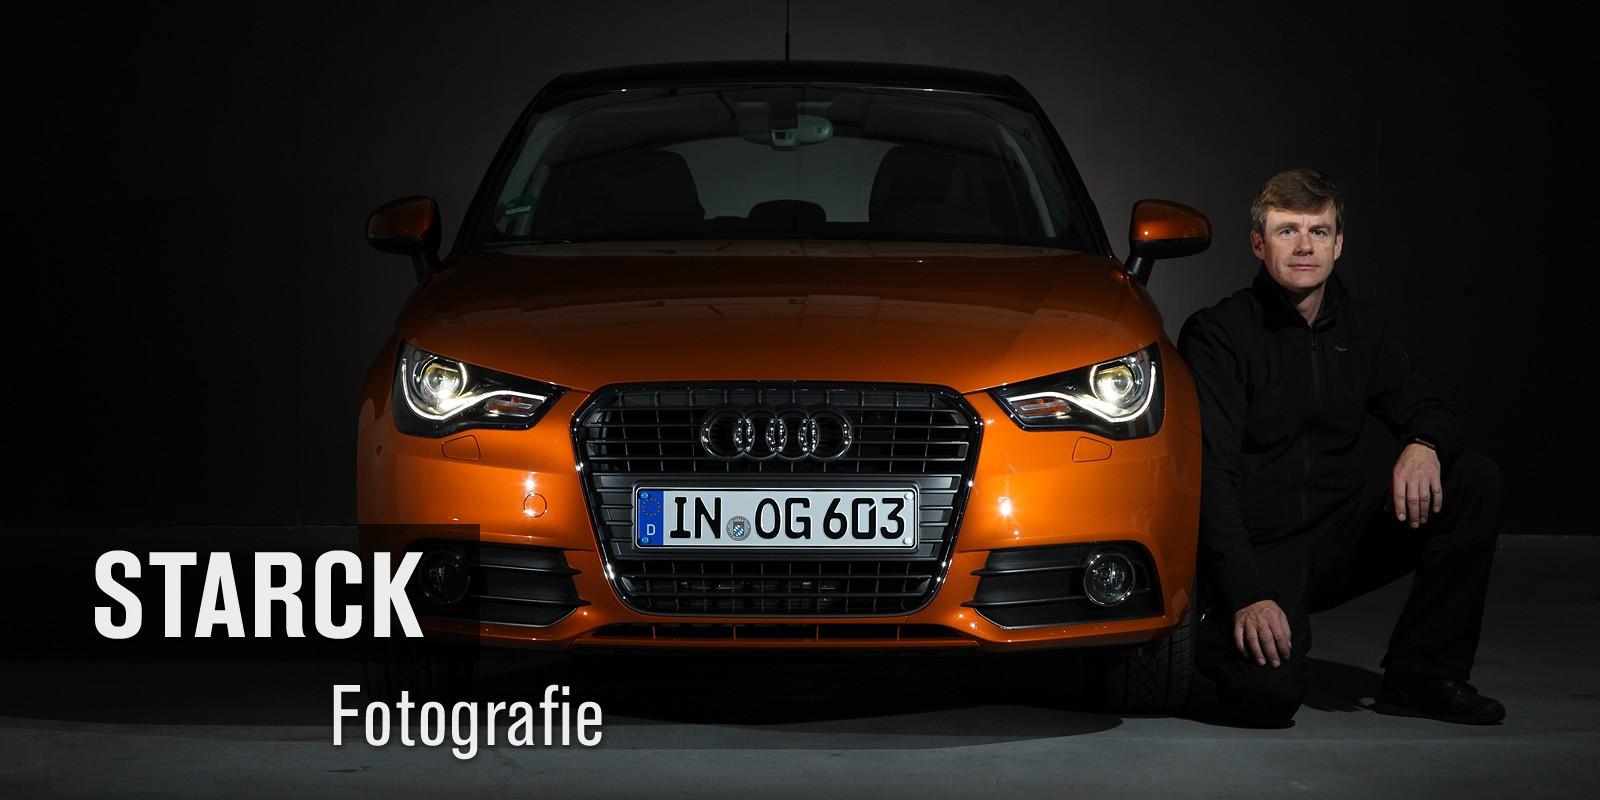 Frontalaufnahme Audi - Thomas Starck Studiofotografie